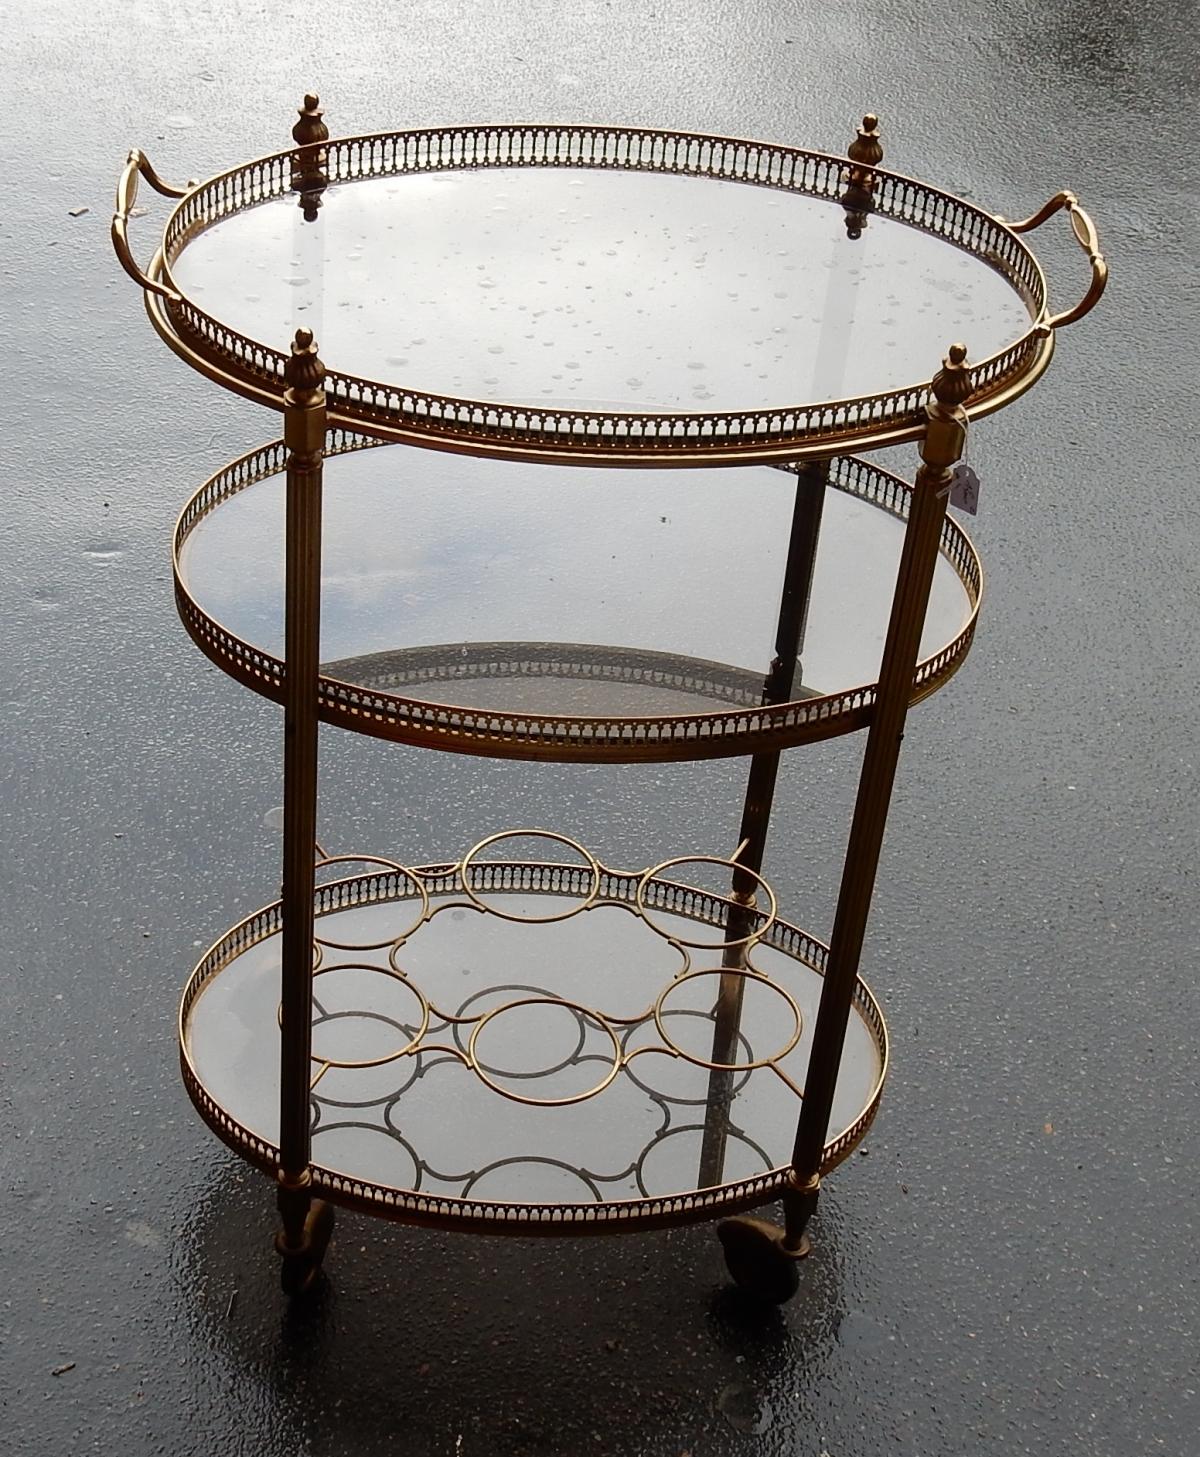 le march biron 1950 70 39 desserte roulante maison bagu s en laiton dor 3 etages. Black Bedroom Furniture Sets. Home Design Ideas